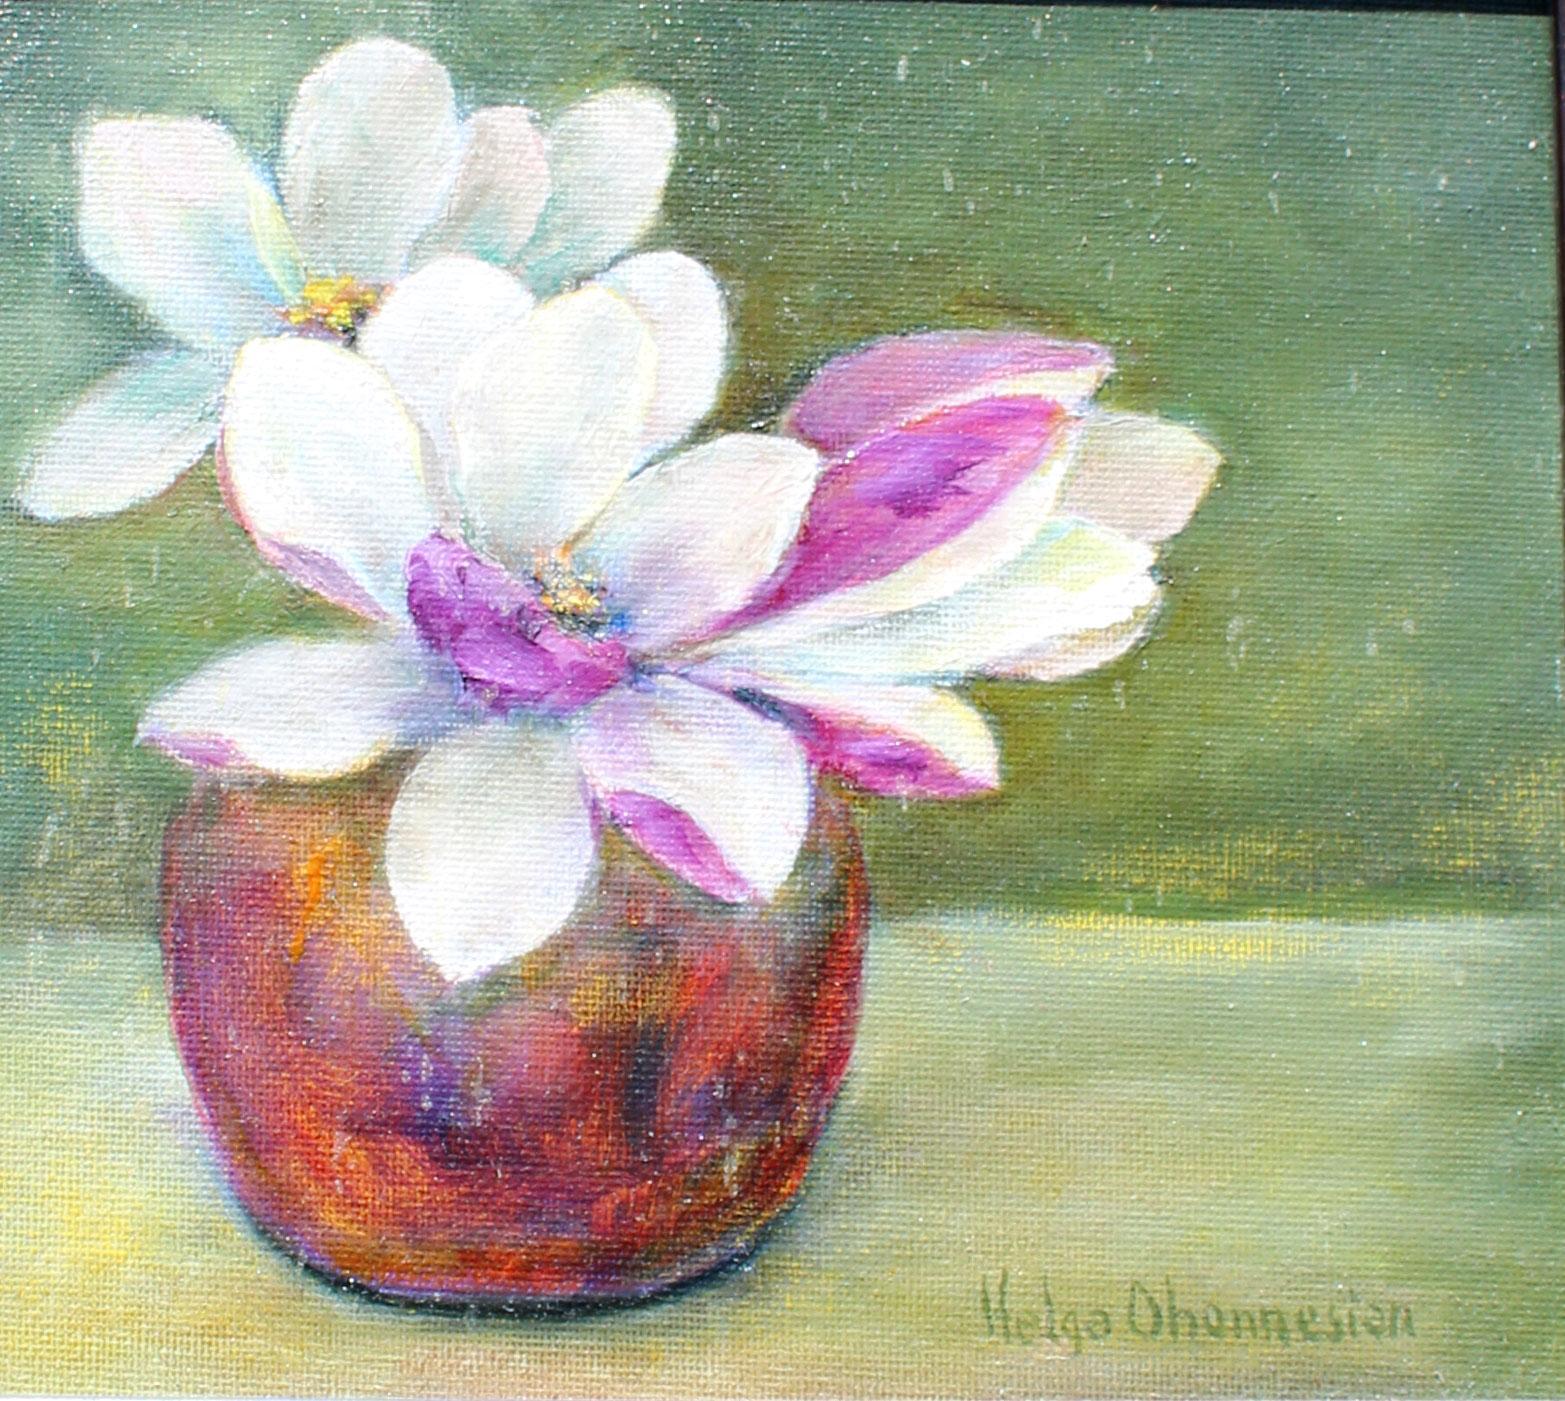 Magnolia Blossoms, oil on canvas